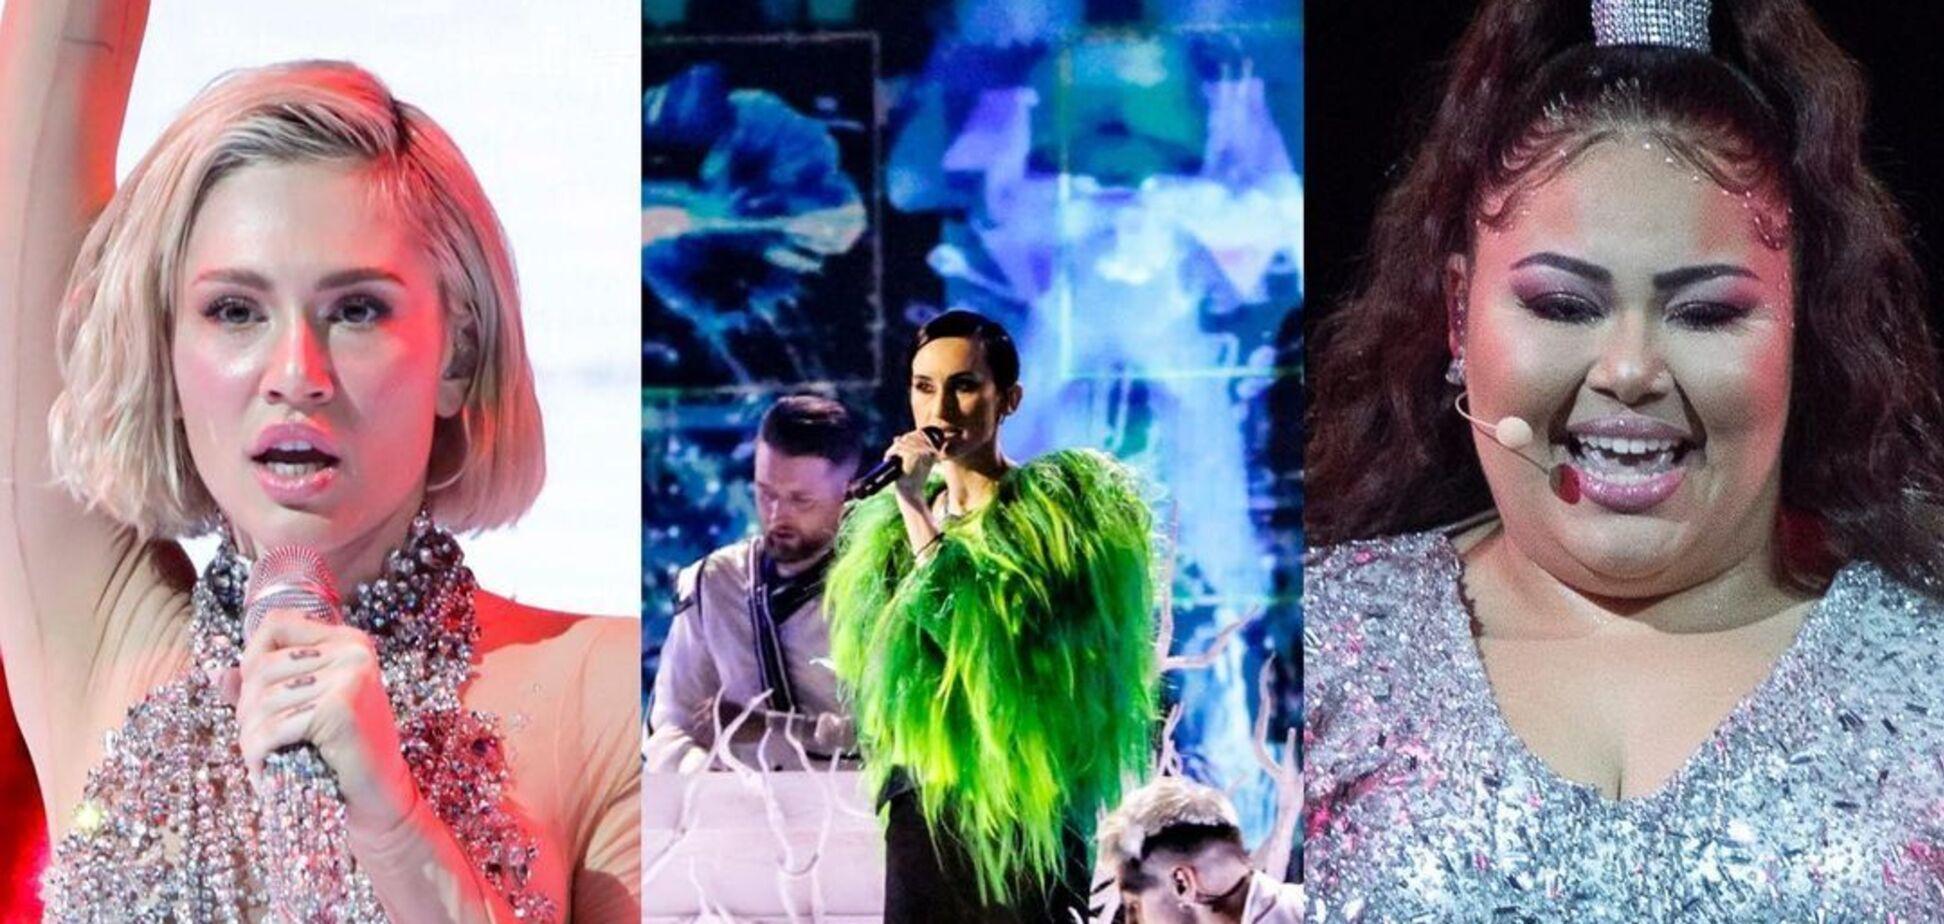 Go_A вошла в топ-3 фаворитов букмекеров в первом полуфинале Евровидения 2021